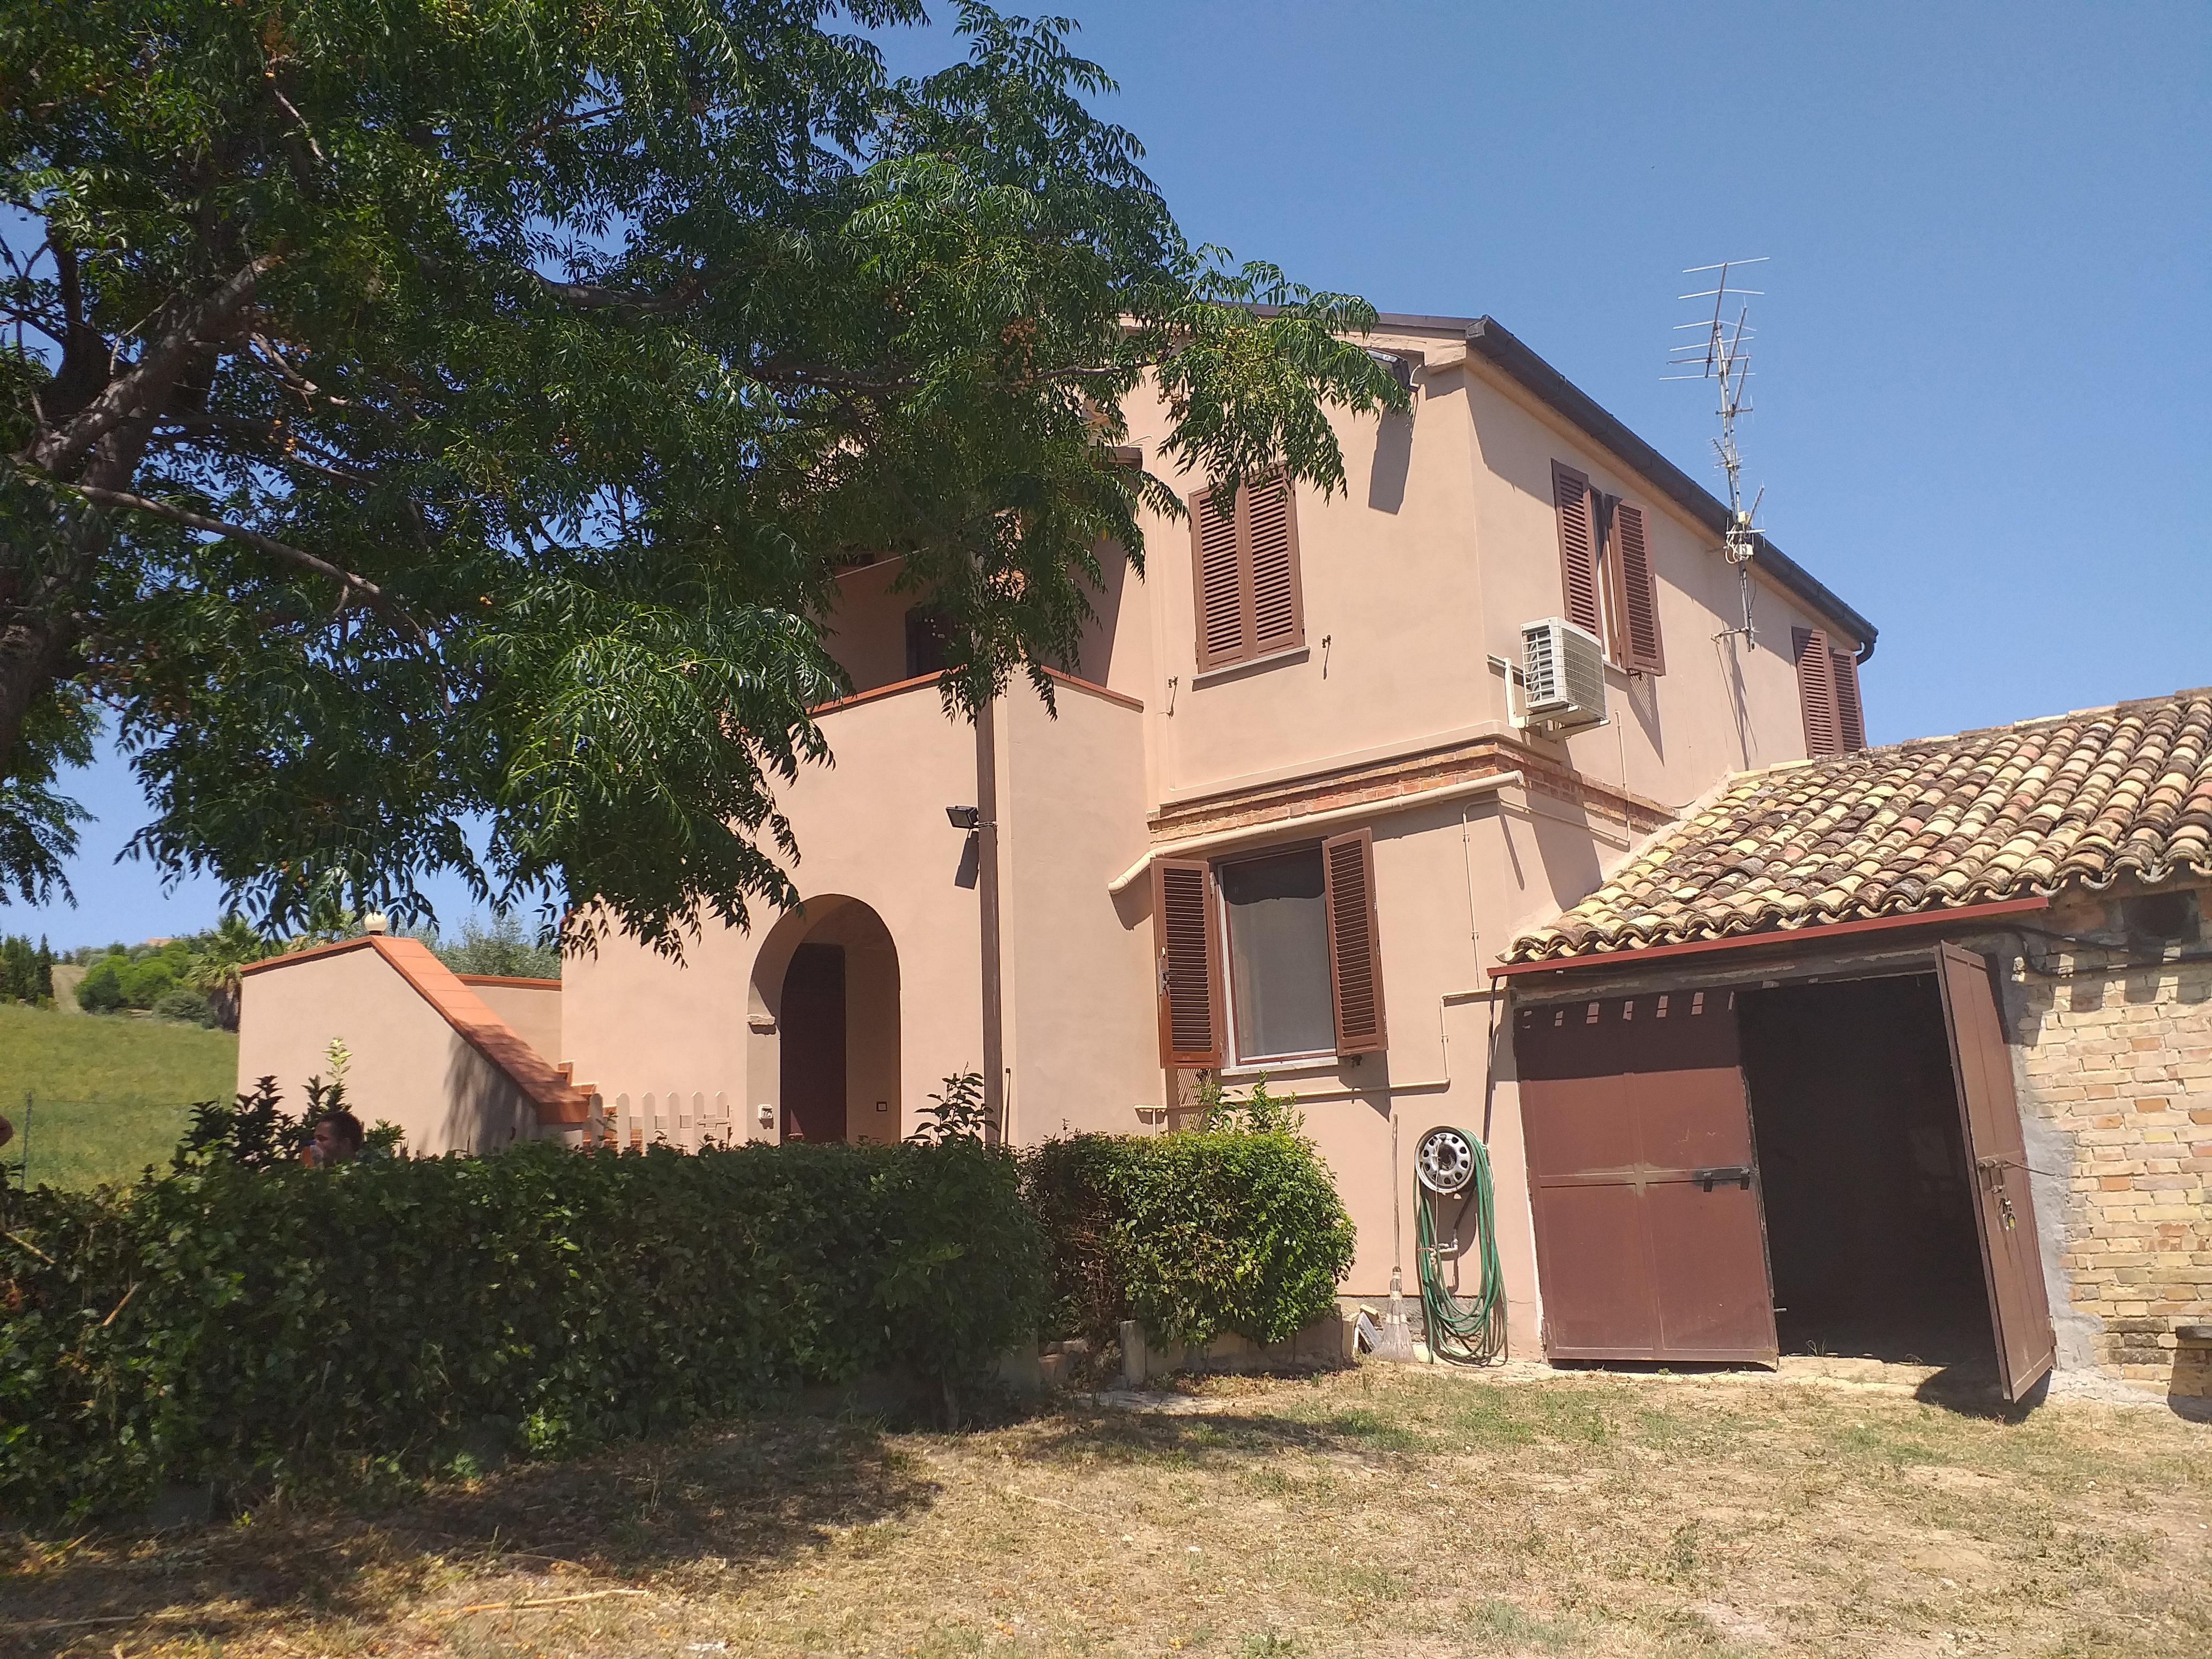 Casa di campagna 210 m²